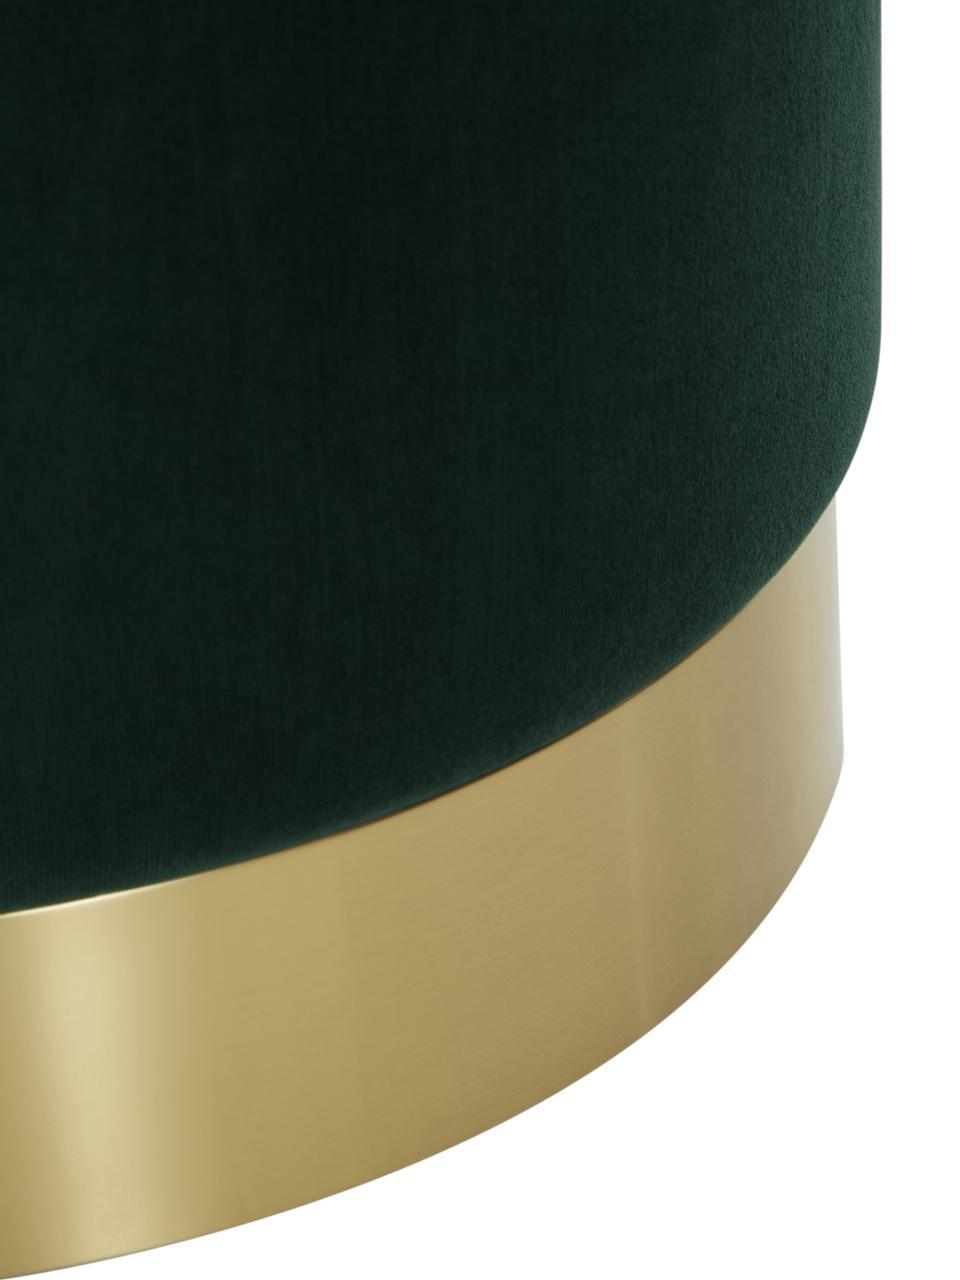 Fluwelen poef Orchid, Bekleding: fluweel (polyester), Frame: multiplex, Voet: gecoat metaal, Bekleding: lichtgroen. Voet: goudkleurig, Ø 40 x H 39 cm